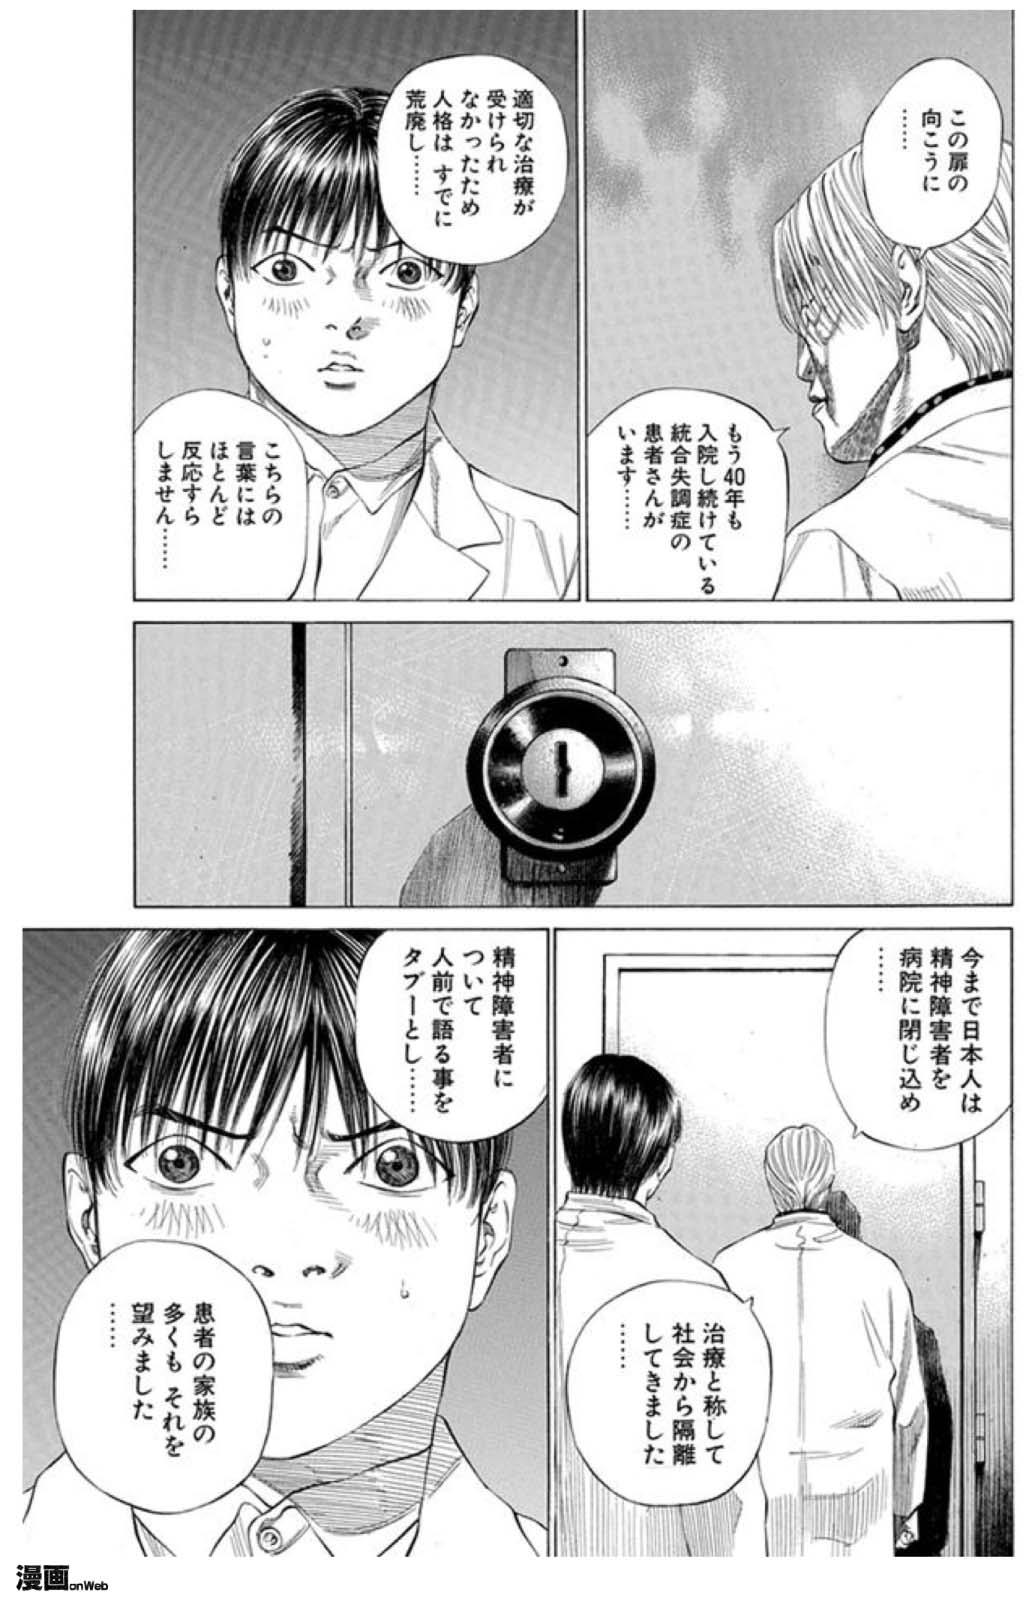 図6-1 11巻163ページ